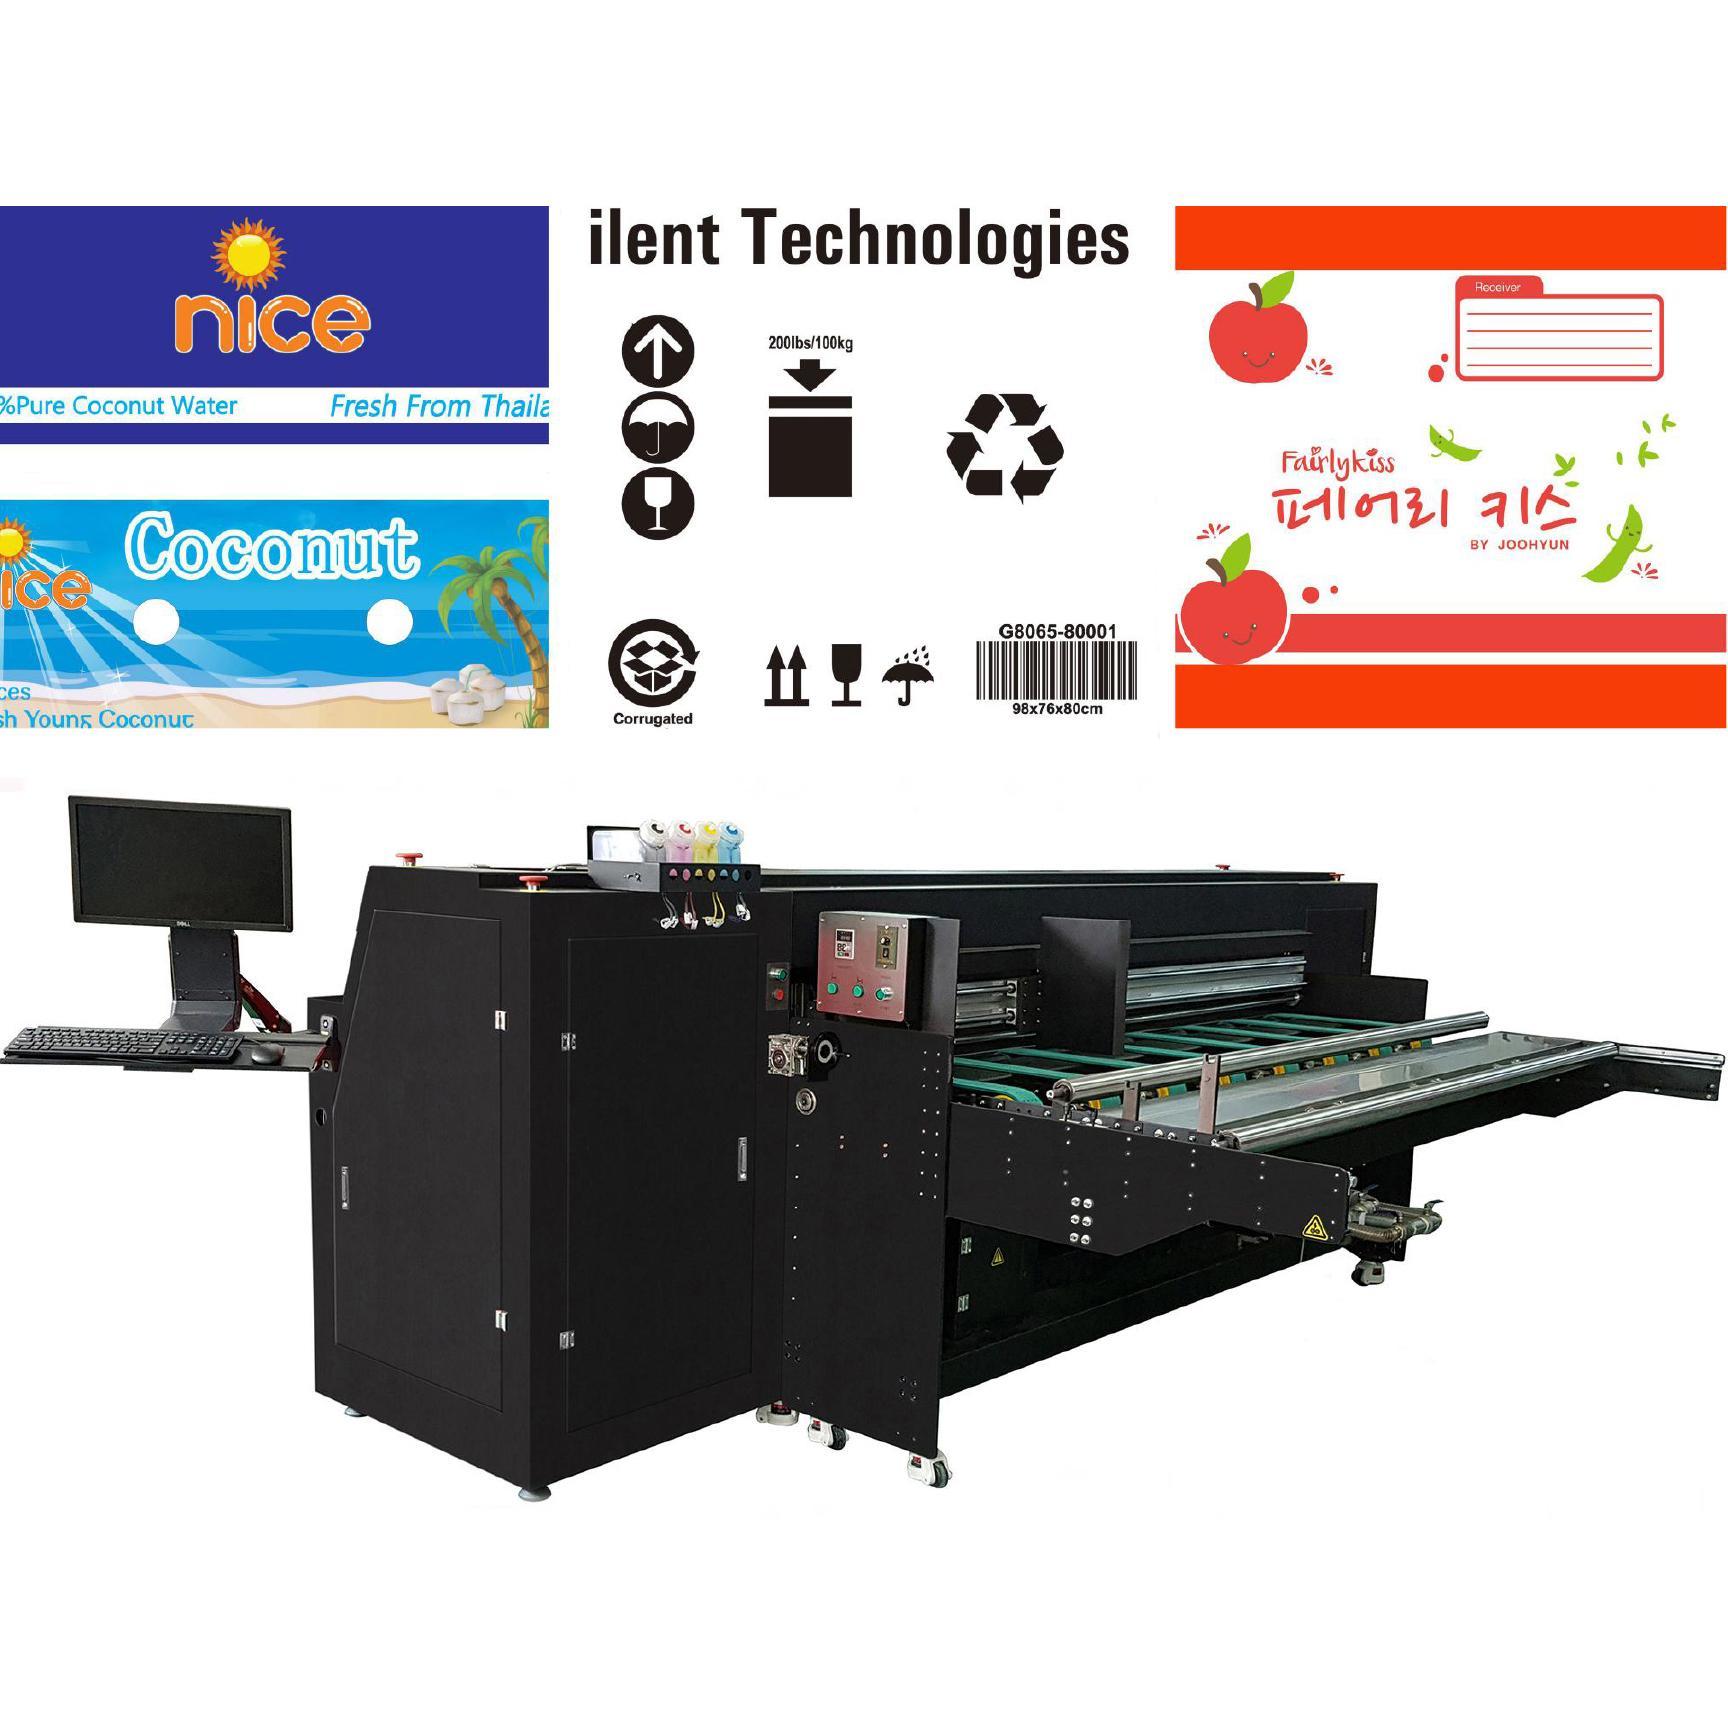 Pizza box inkjet printer for corrugated box/digital inkjet printer 2500AF-4PH 2